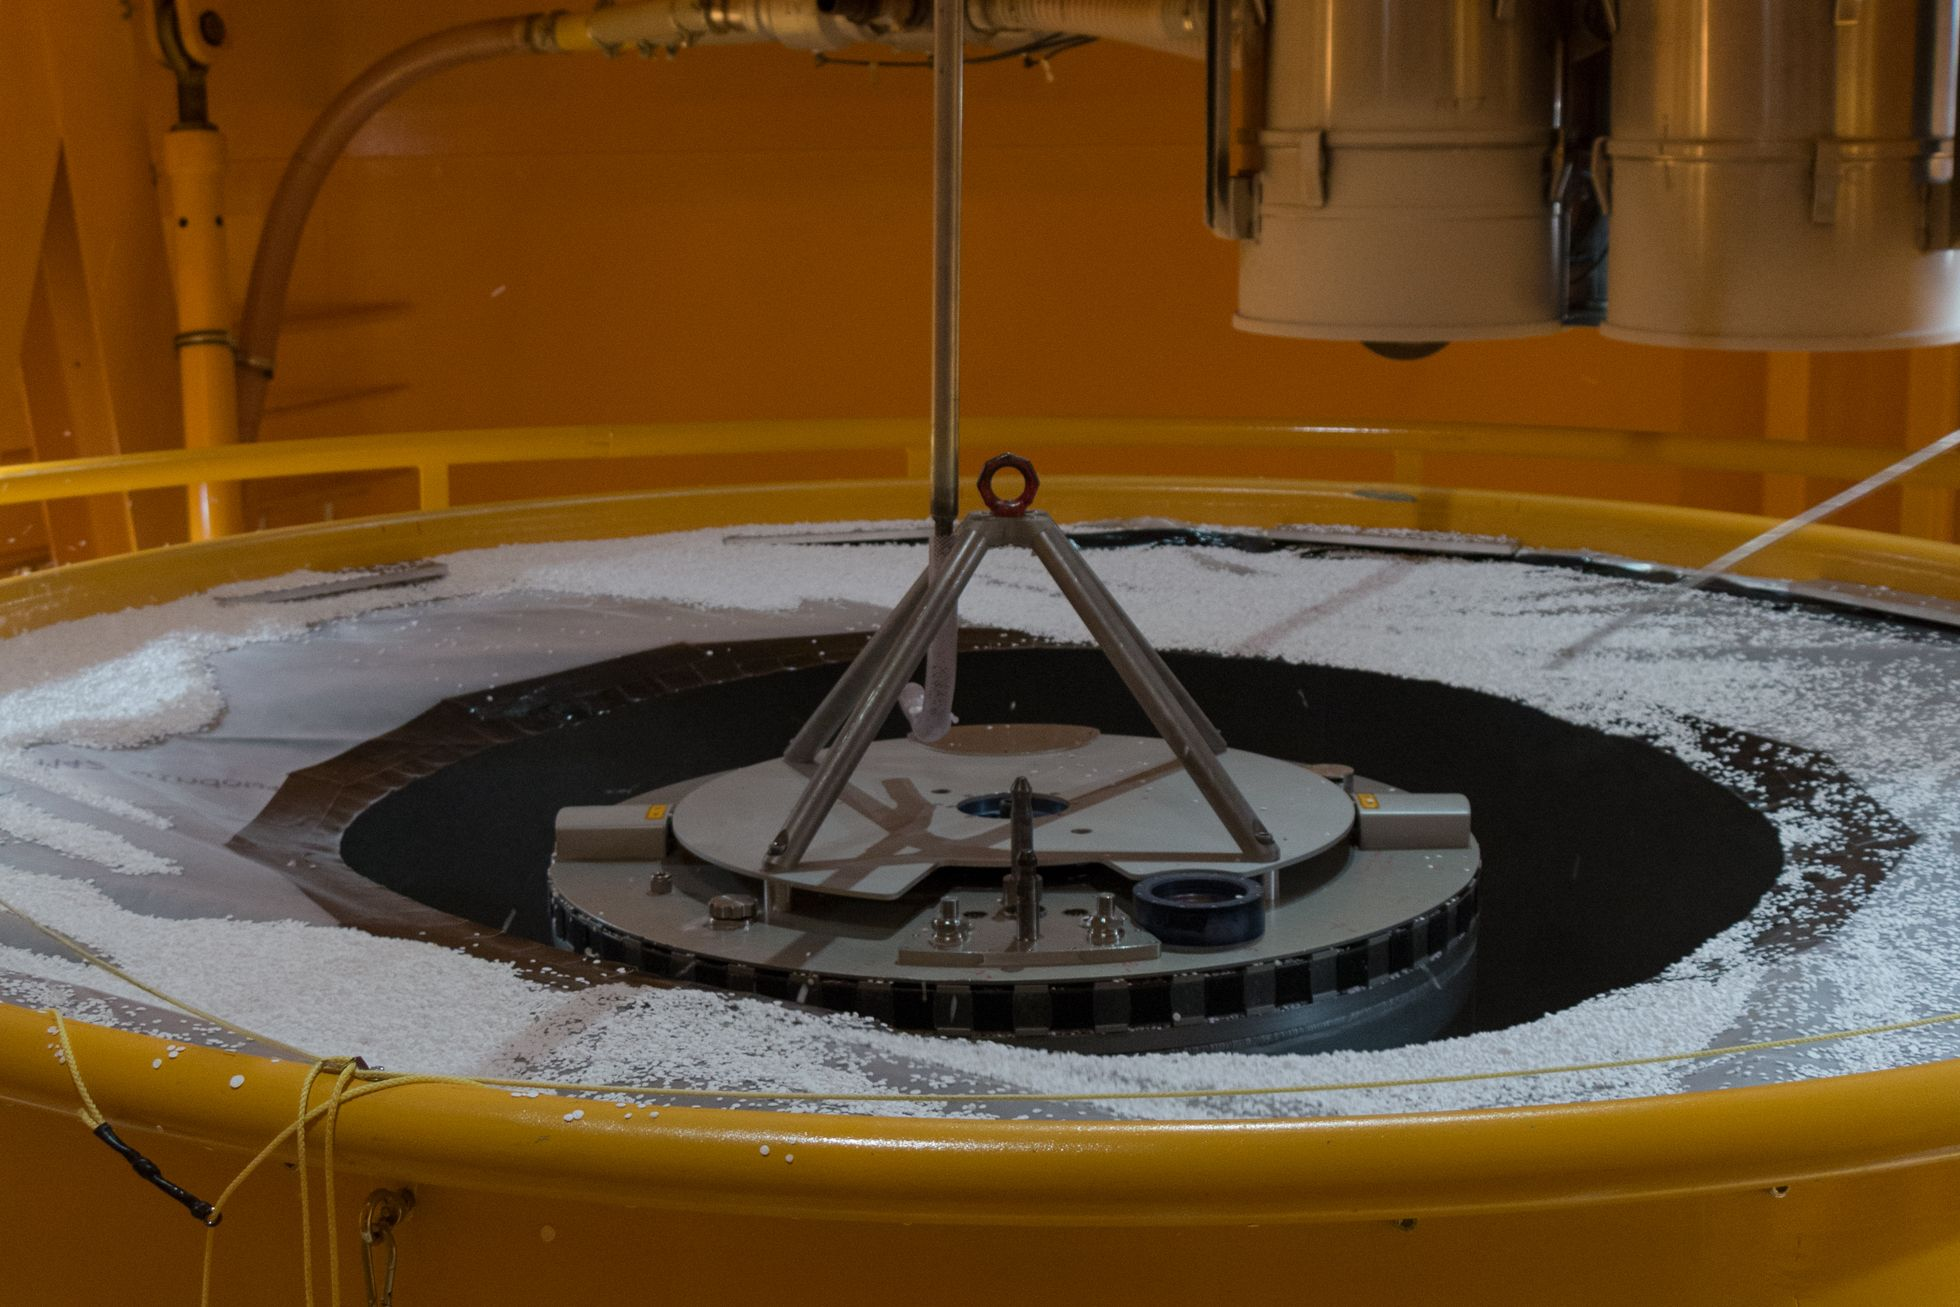 Zarm: Zehn Sekunden schwerelos - ... wird die Kapsel von Styroporkugeln gereinigt. (Foto: Werner Pluta/Golem.de)